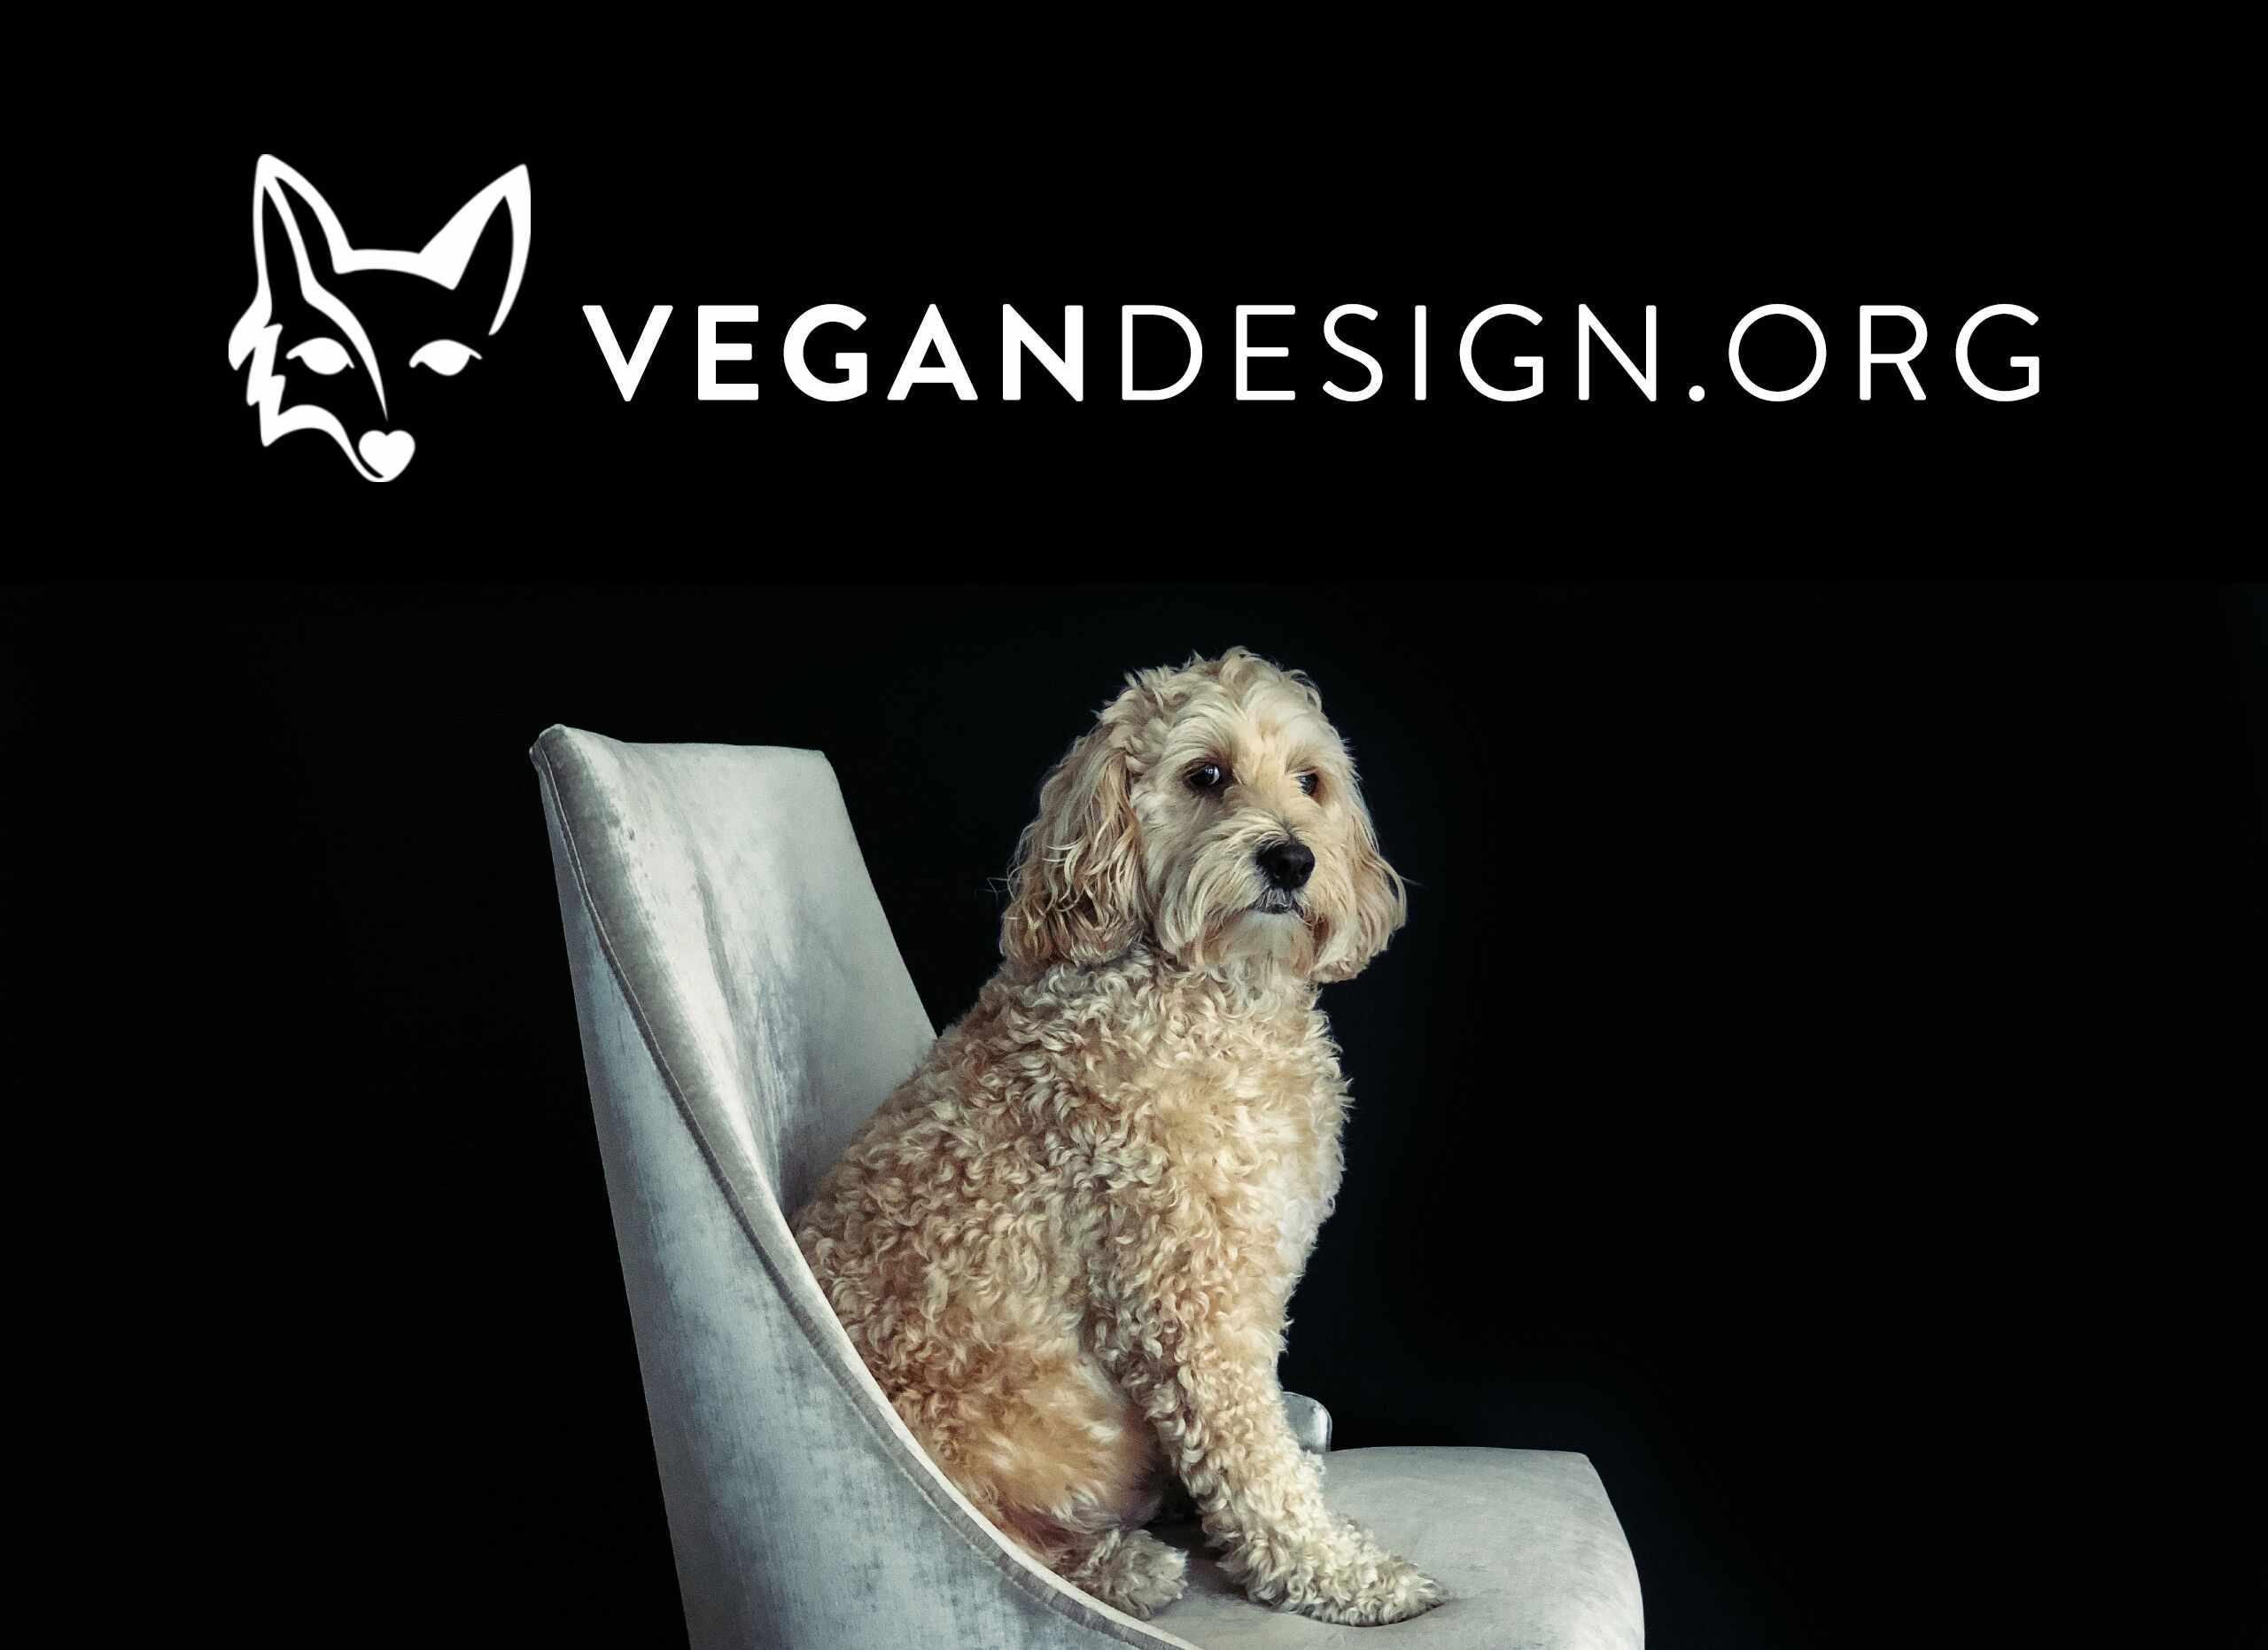 vegan design